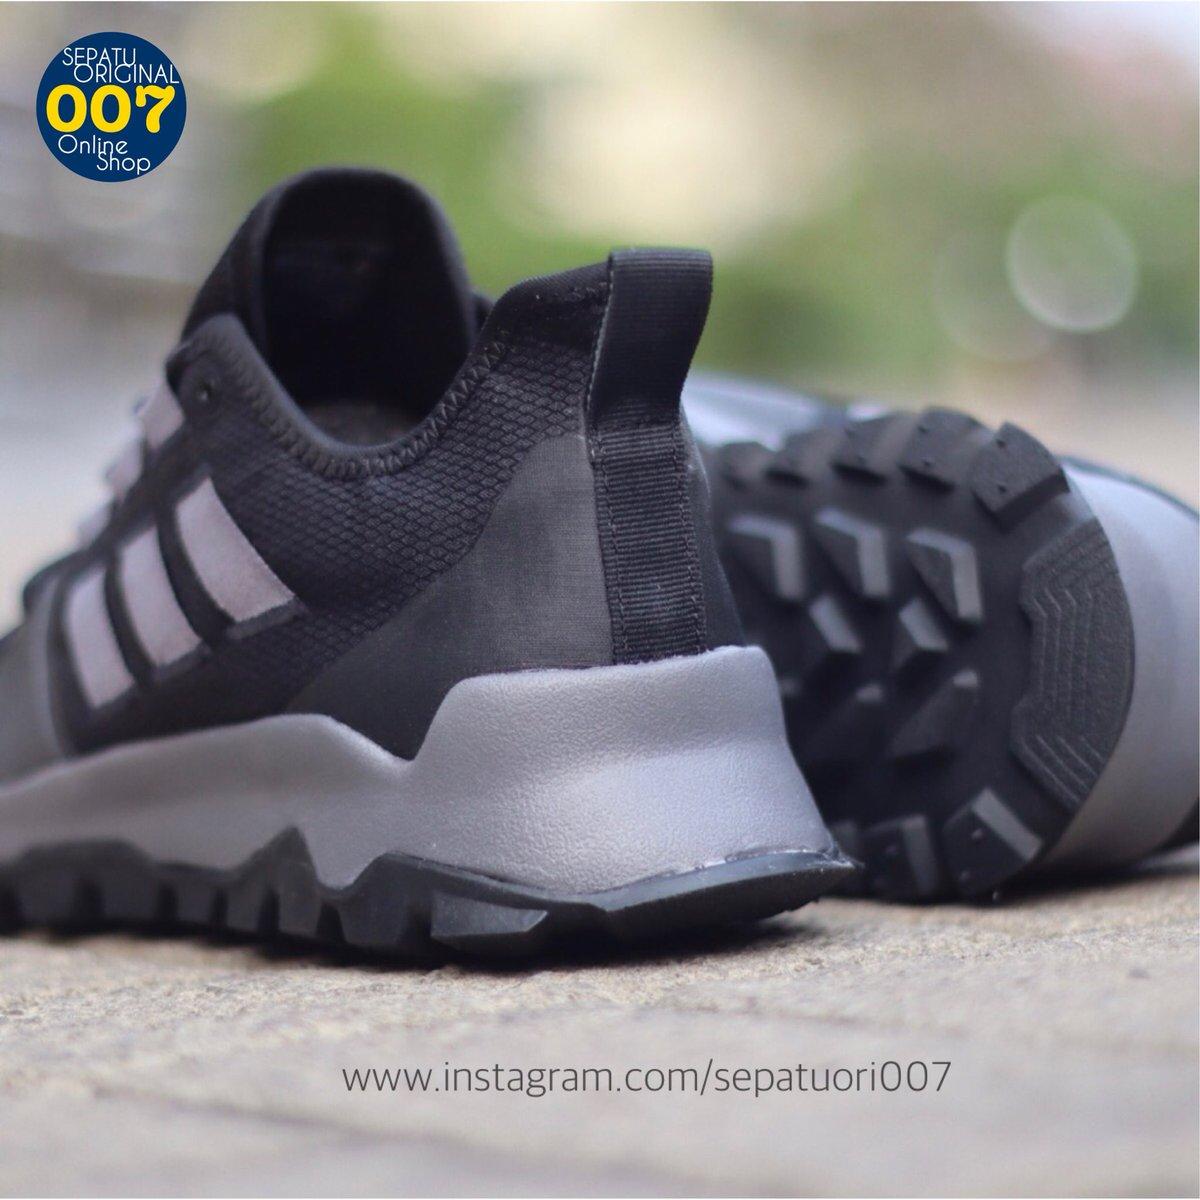 Fran?ais Chaussures 2019 Adidas Kanadia 8 Femmes Trail